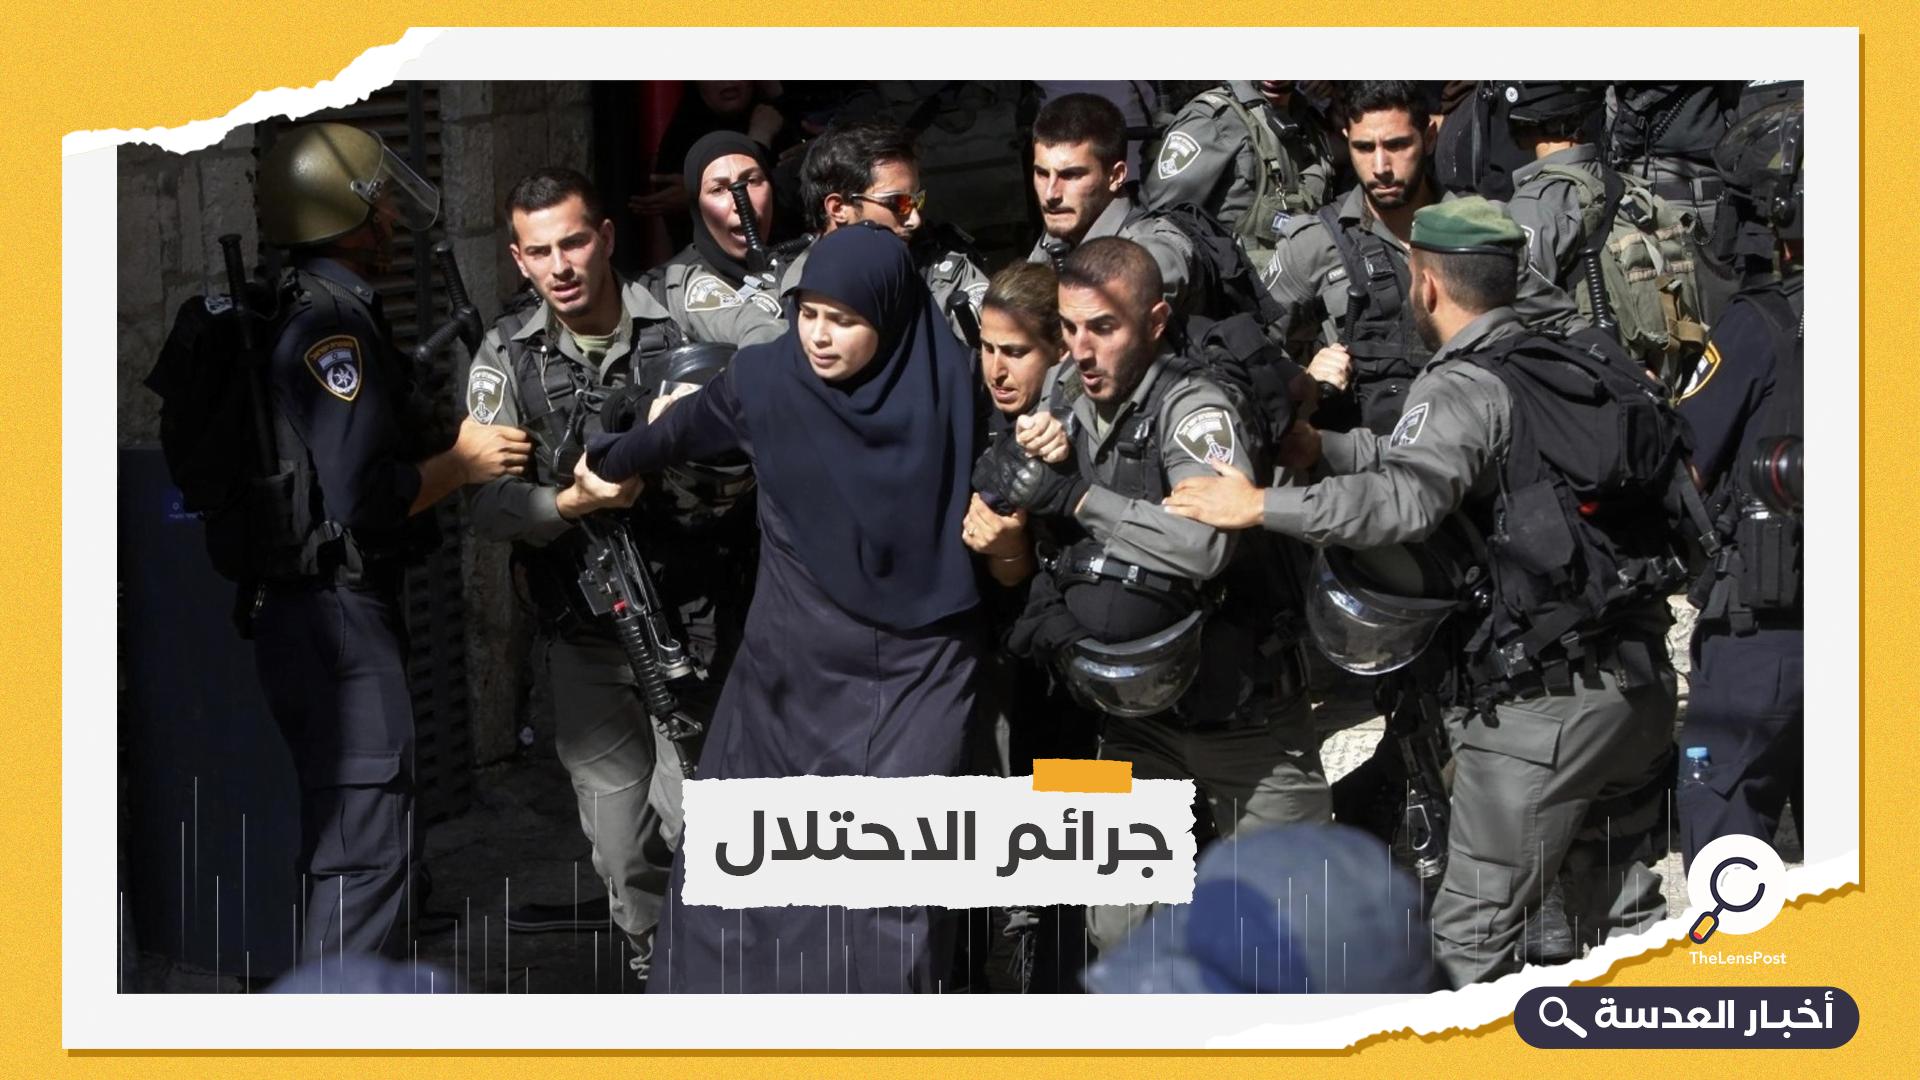 وفاة سيدة فلسطينية بعد اقتحام جنود الاحتلال منزلها